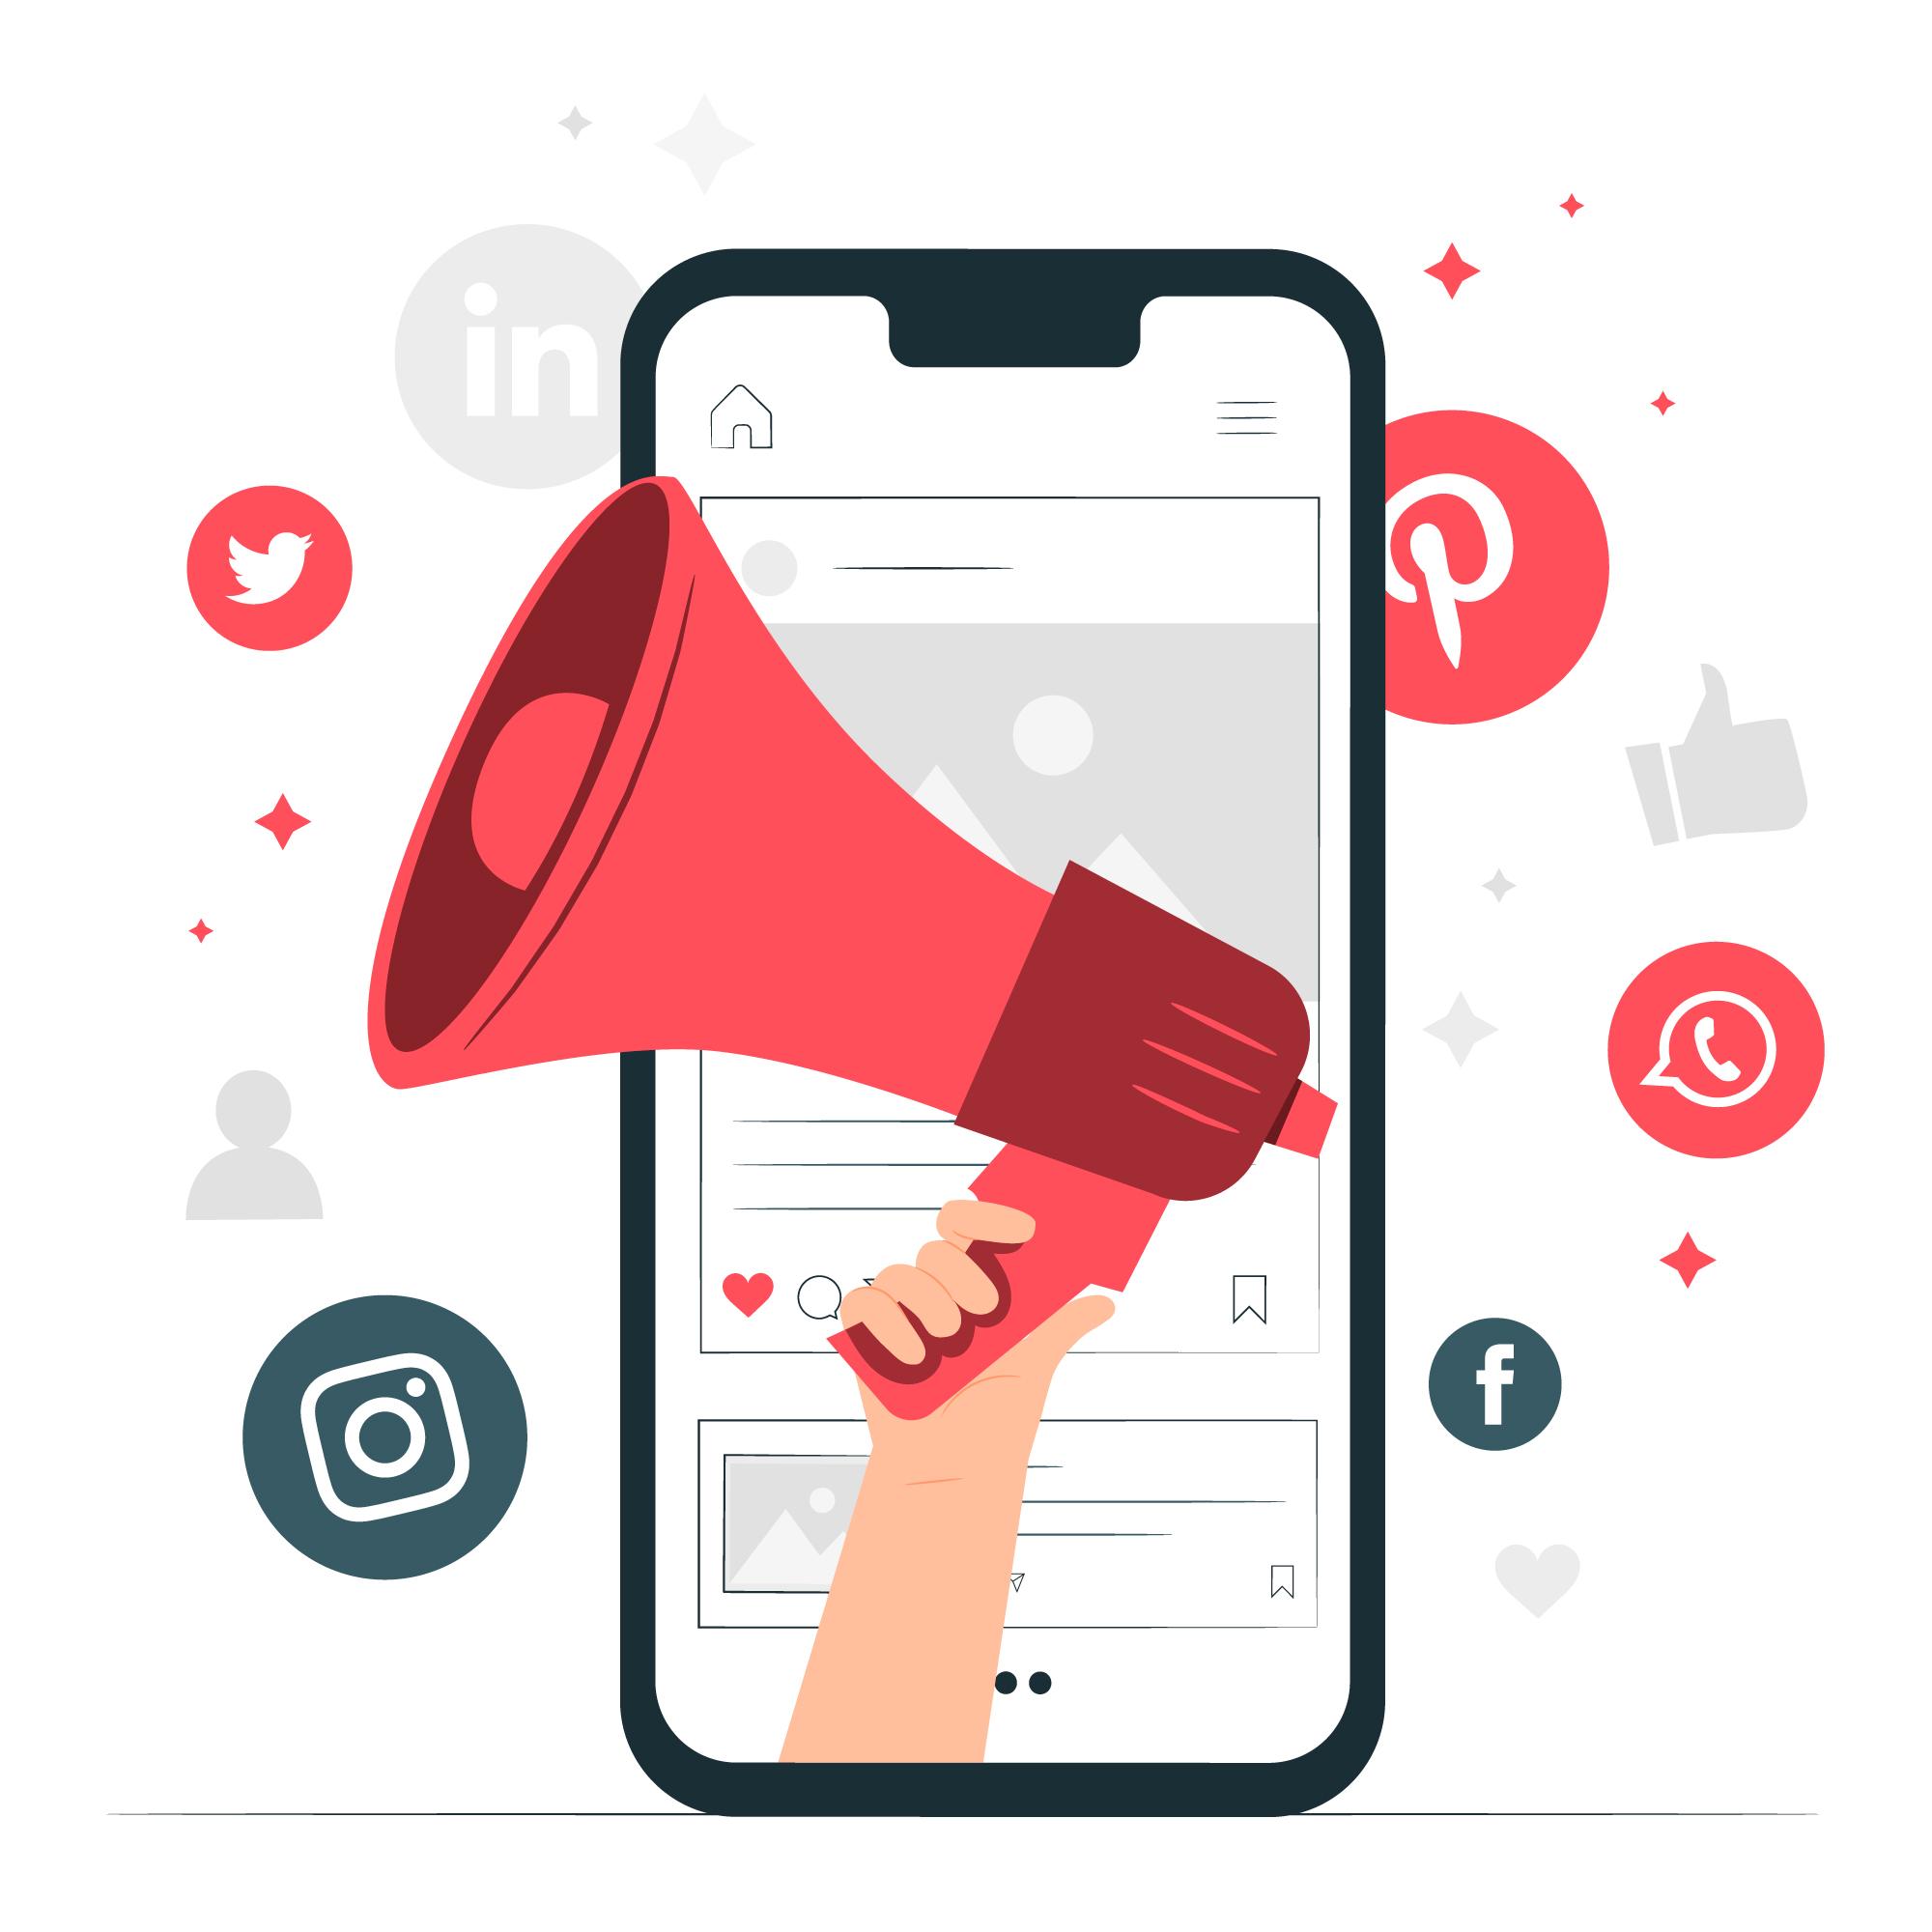 6 maneiras de adaptar o conteúdo com os recursos mais populares do Instagram